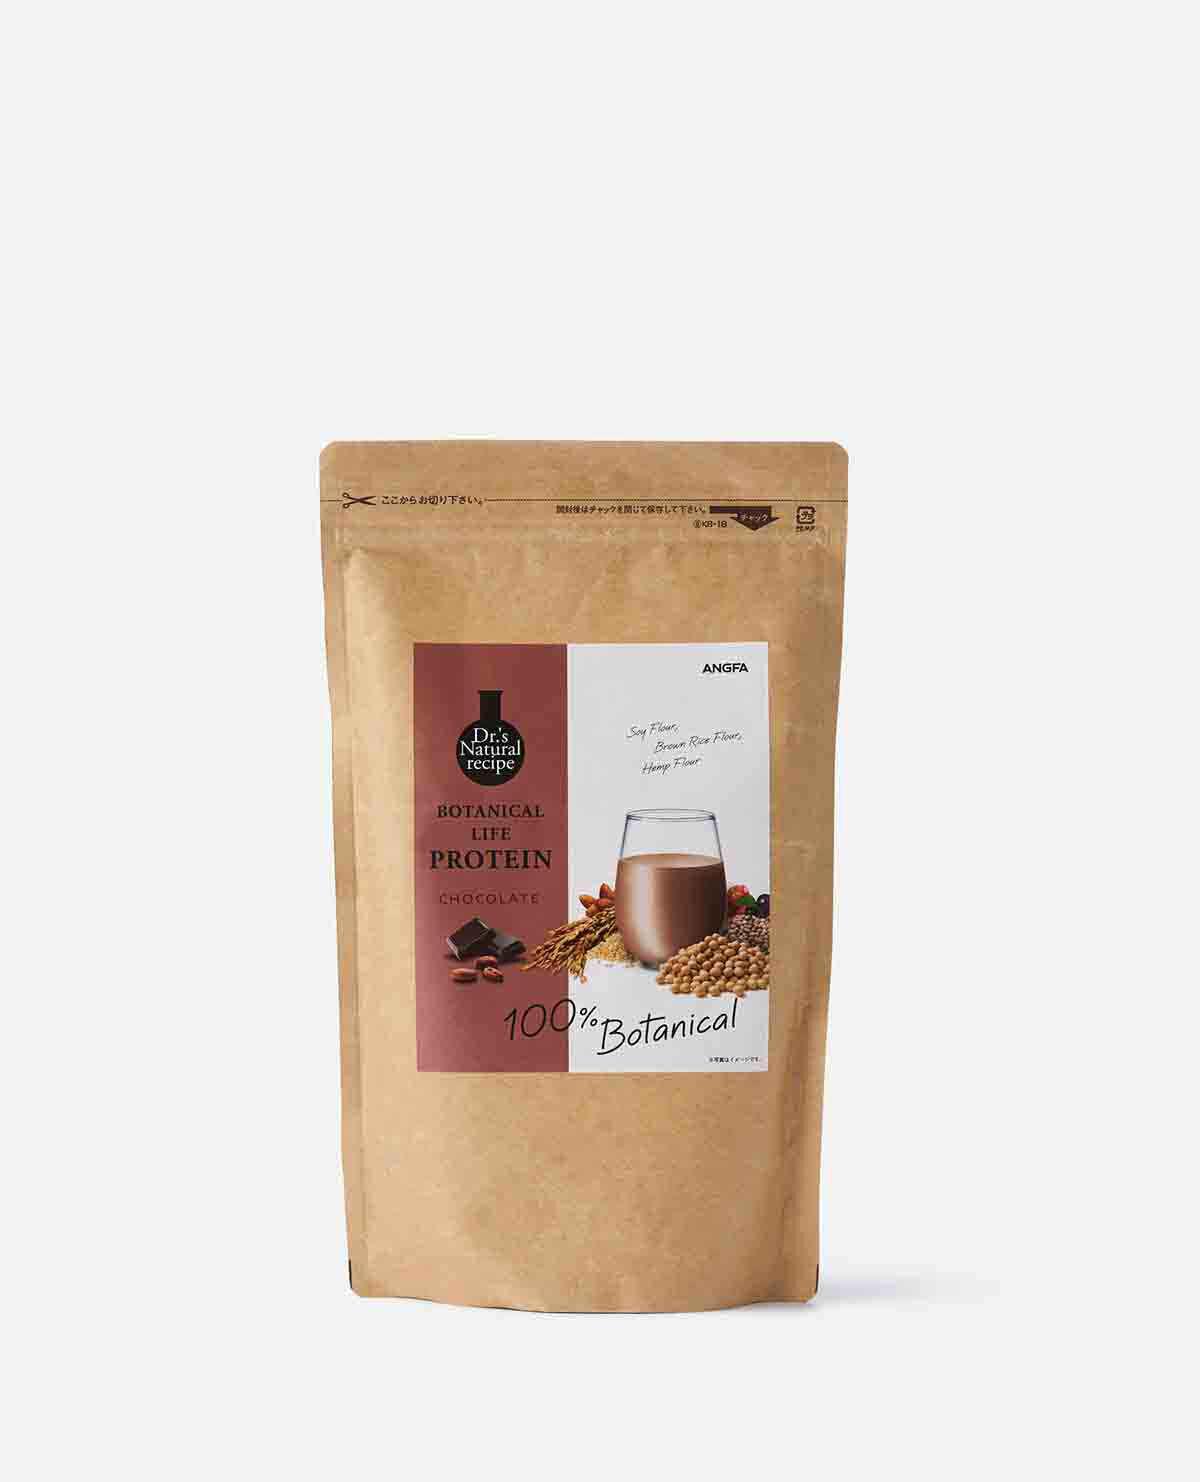 ボタニカルライフプロテイン チョコレート味